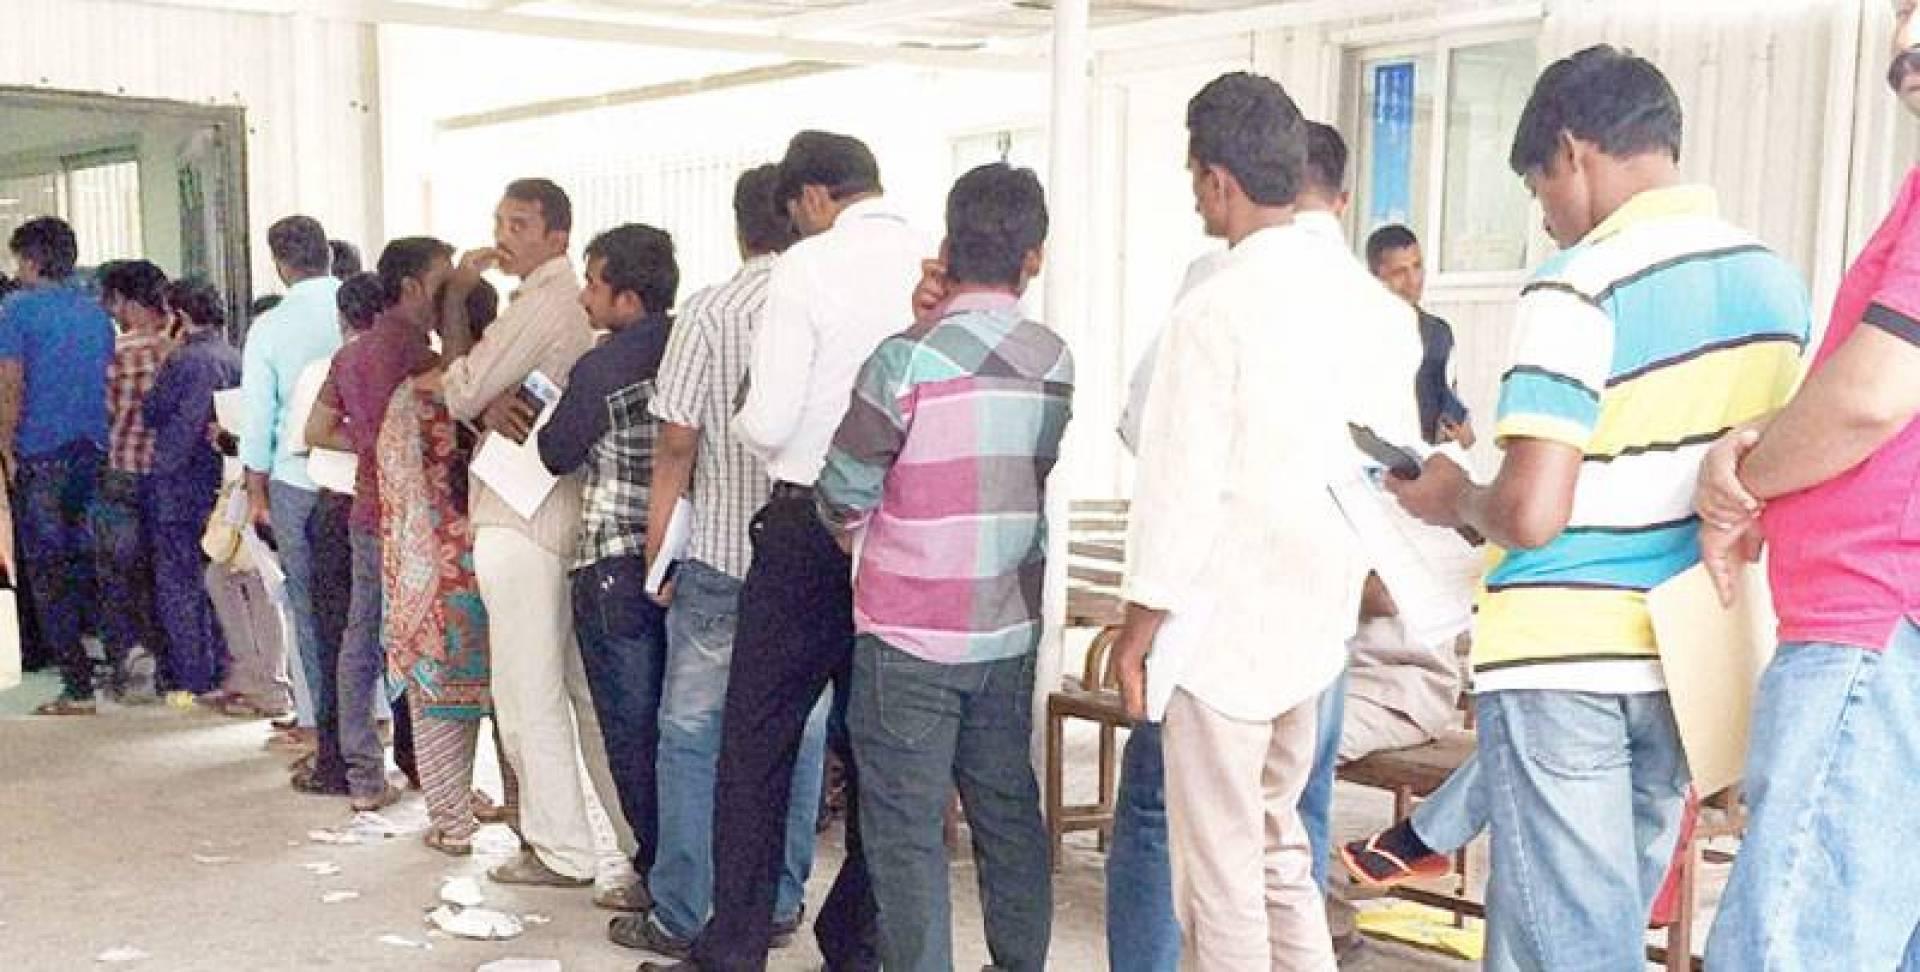 بنغلادش تضع شروطاً لإجلاء رعاياها من الكويت